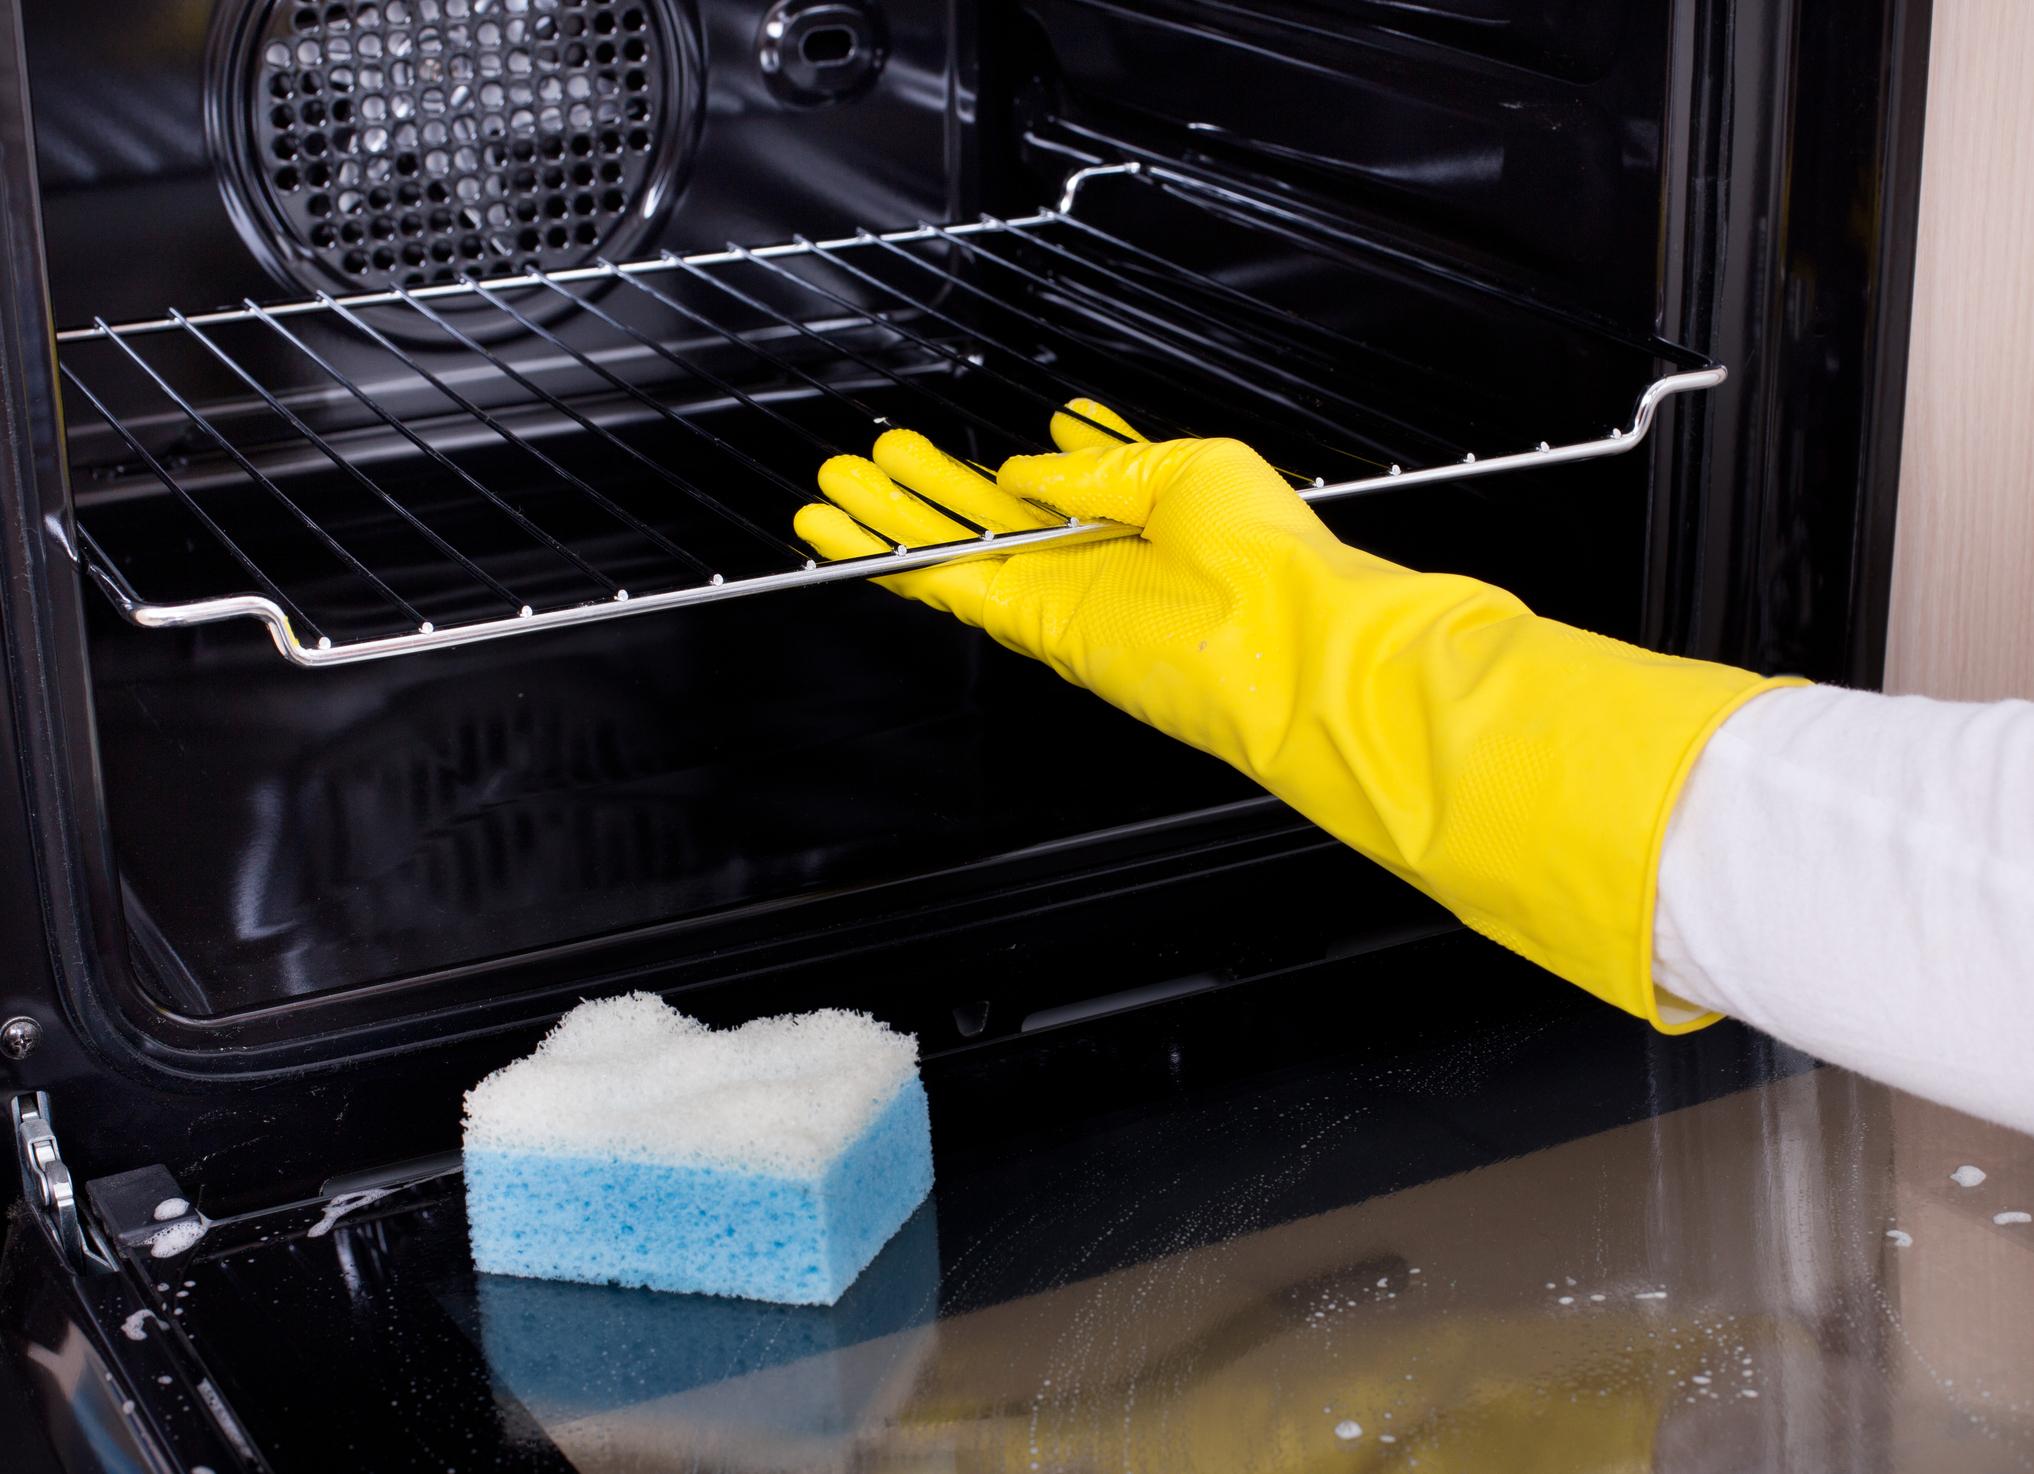 Фурната на печката е нещо, което не чистим всяка седмица. Поне повечето от нас. Затова запретнете ръкави, сложете си ръкавици, купете подходящ препарат и започвайте.